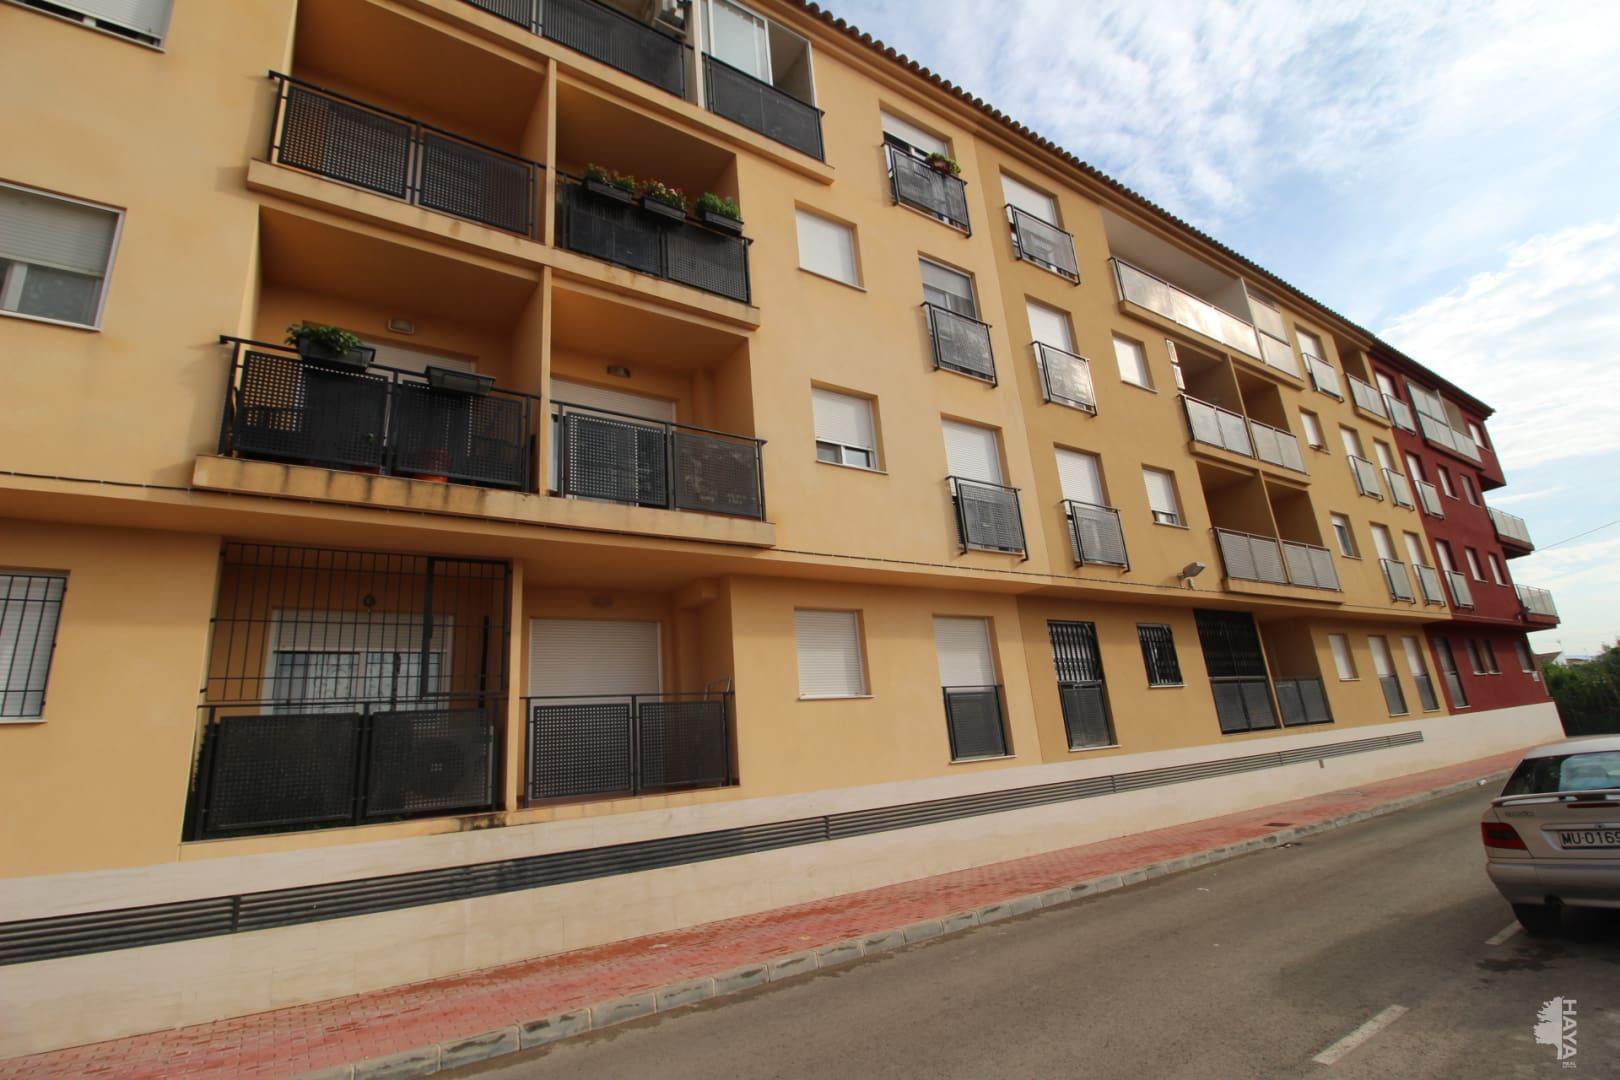 Piso en venta en Pedanía de El Raal, Murcia, Murcia, Calle Miguel de la Nieves, 103.800 €, 4 habitaciones, 2 baños, 133 m2